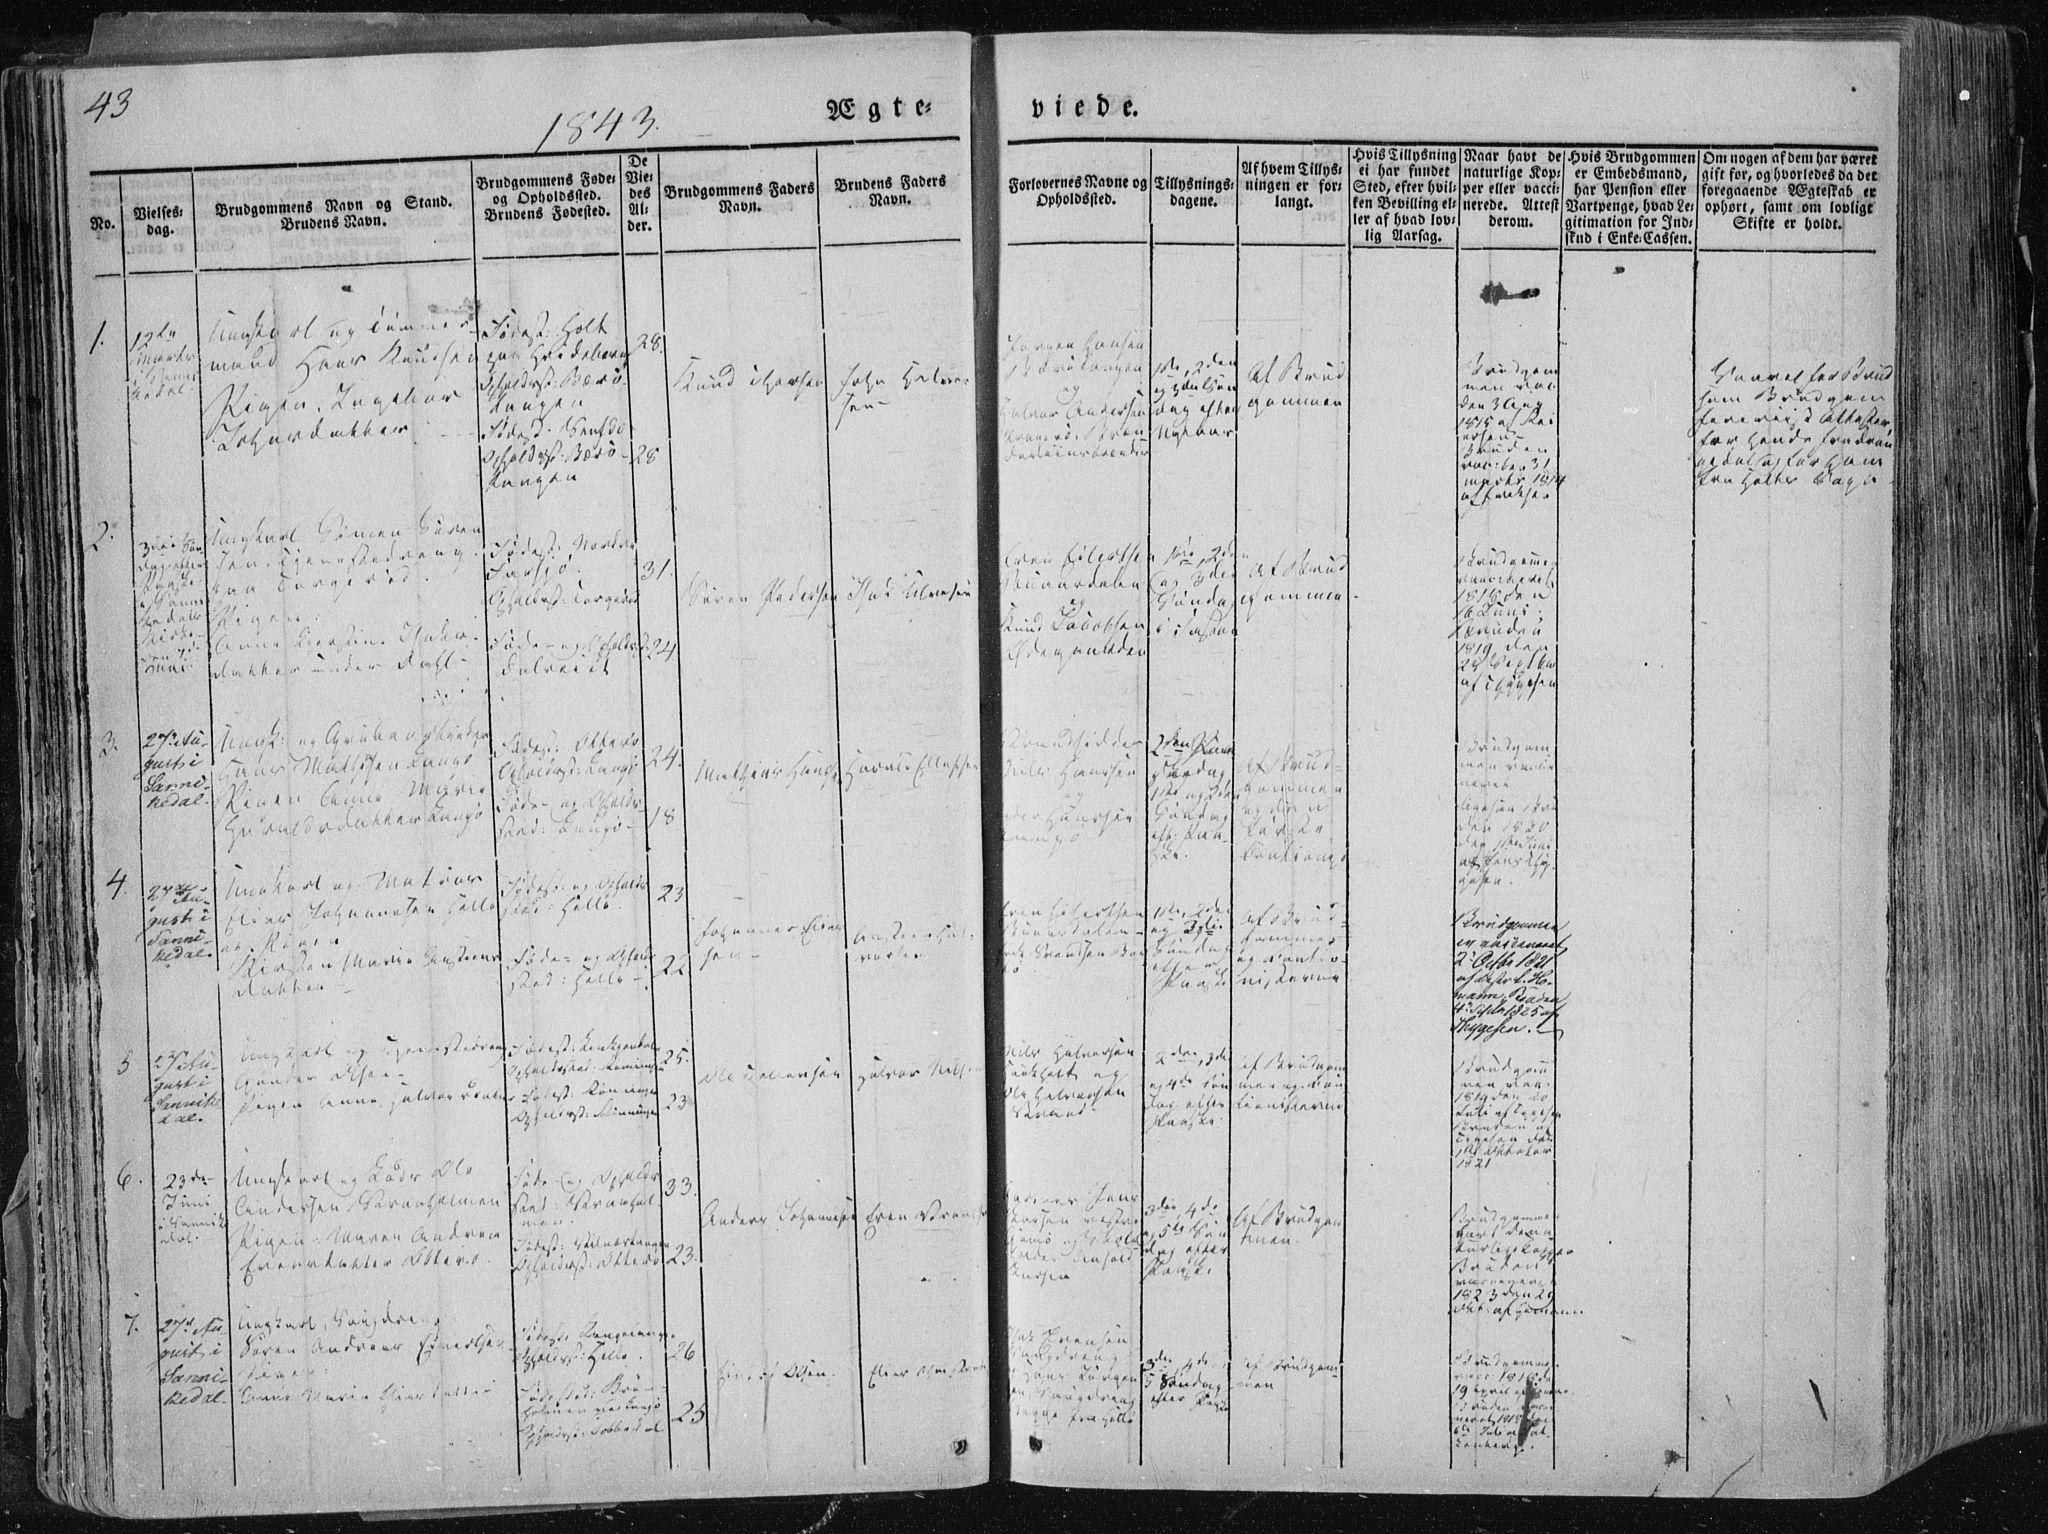 SAKO, Sannidal kirkebøker, F/Fa/L0007: Ministerialbok nr. 7, 1831-1854, s. 43